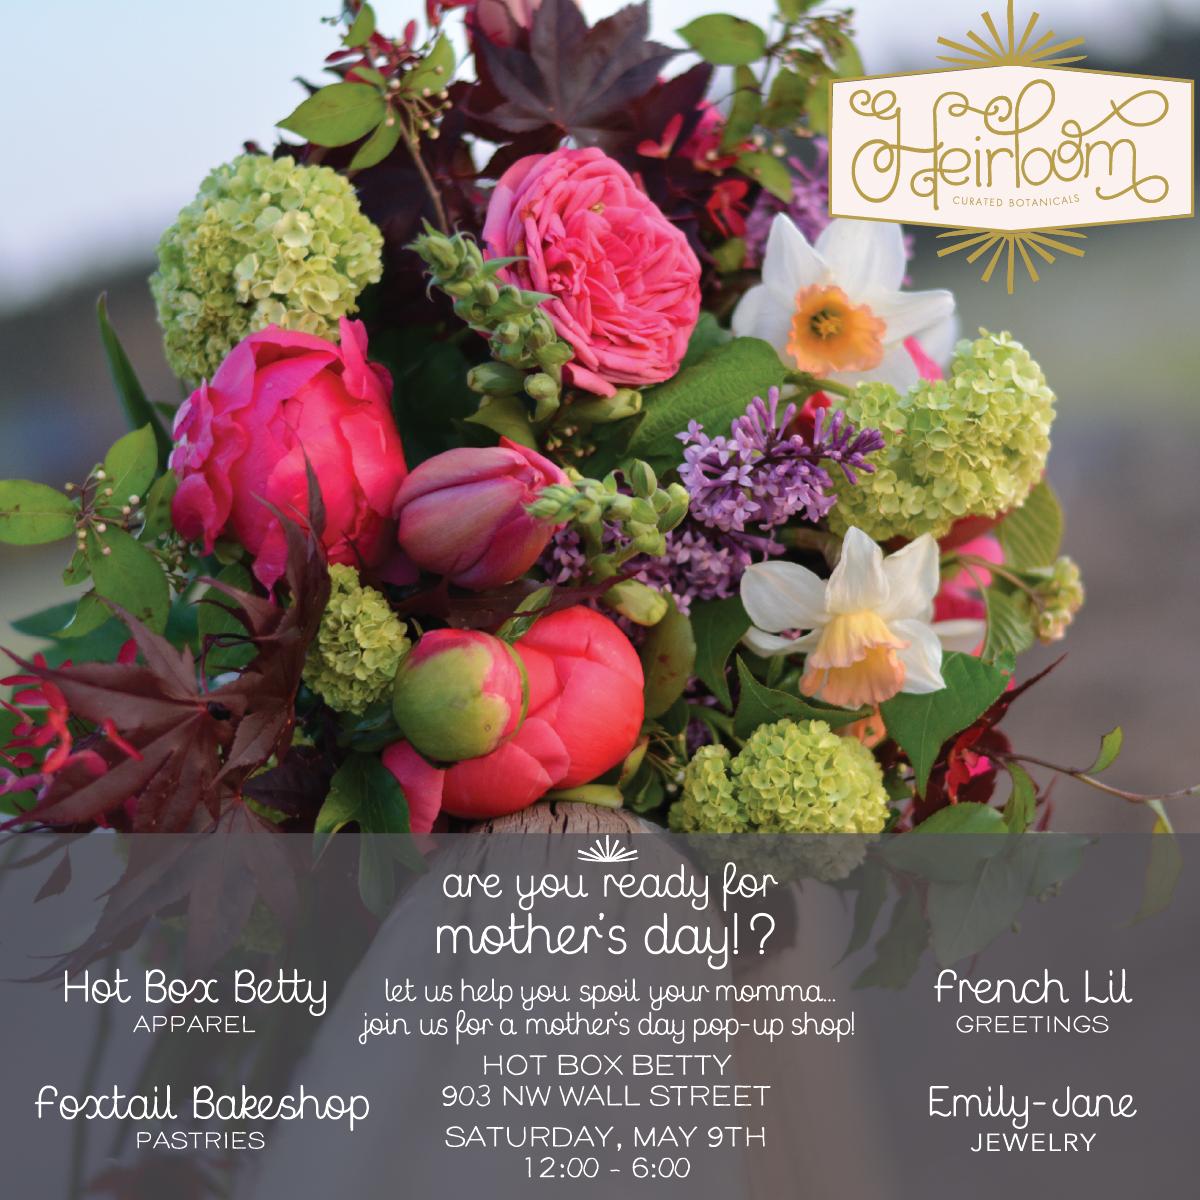 MothersDay_Heirloom Floral Design Bend Florist FB.png